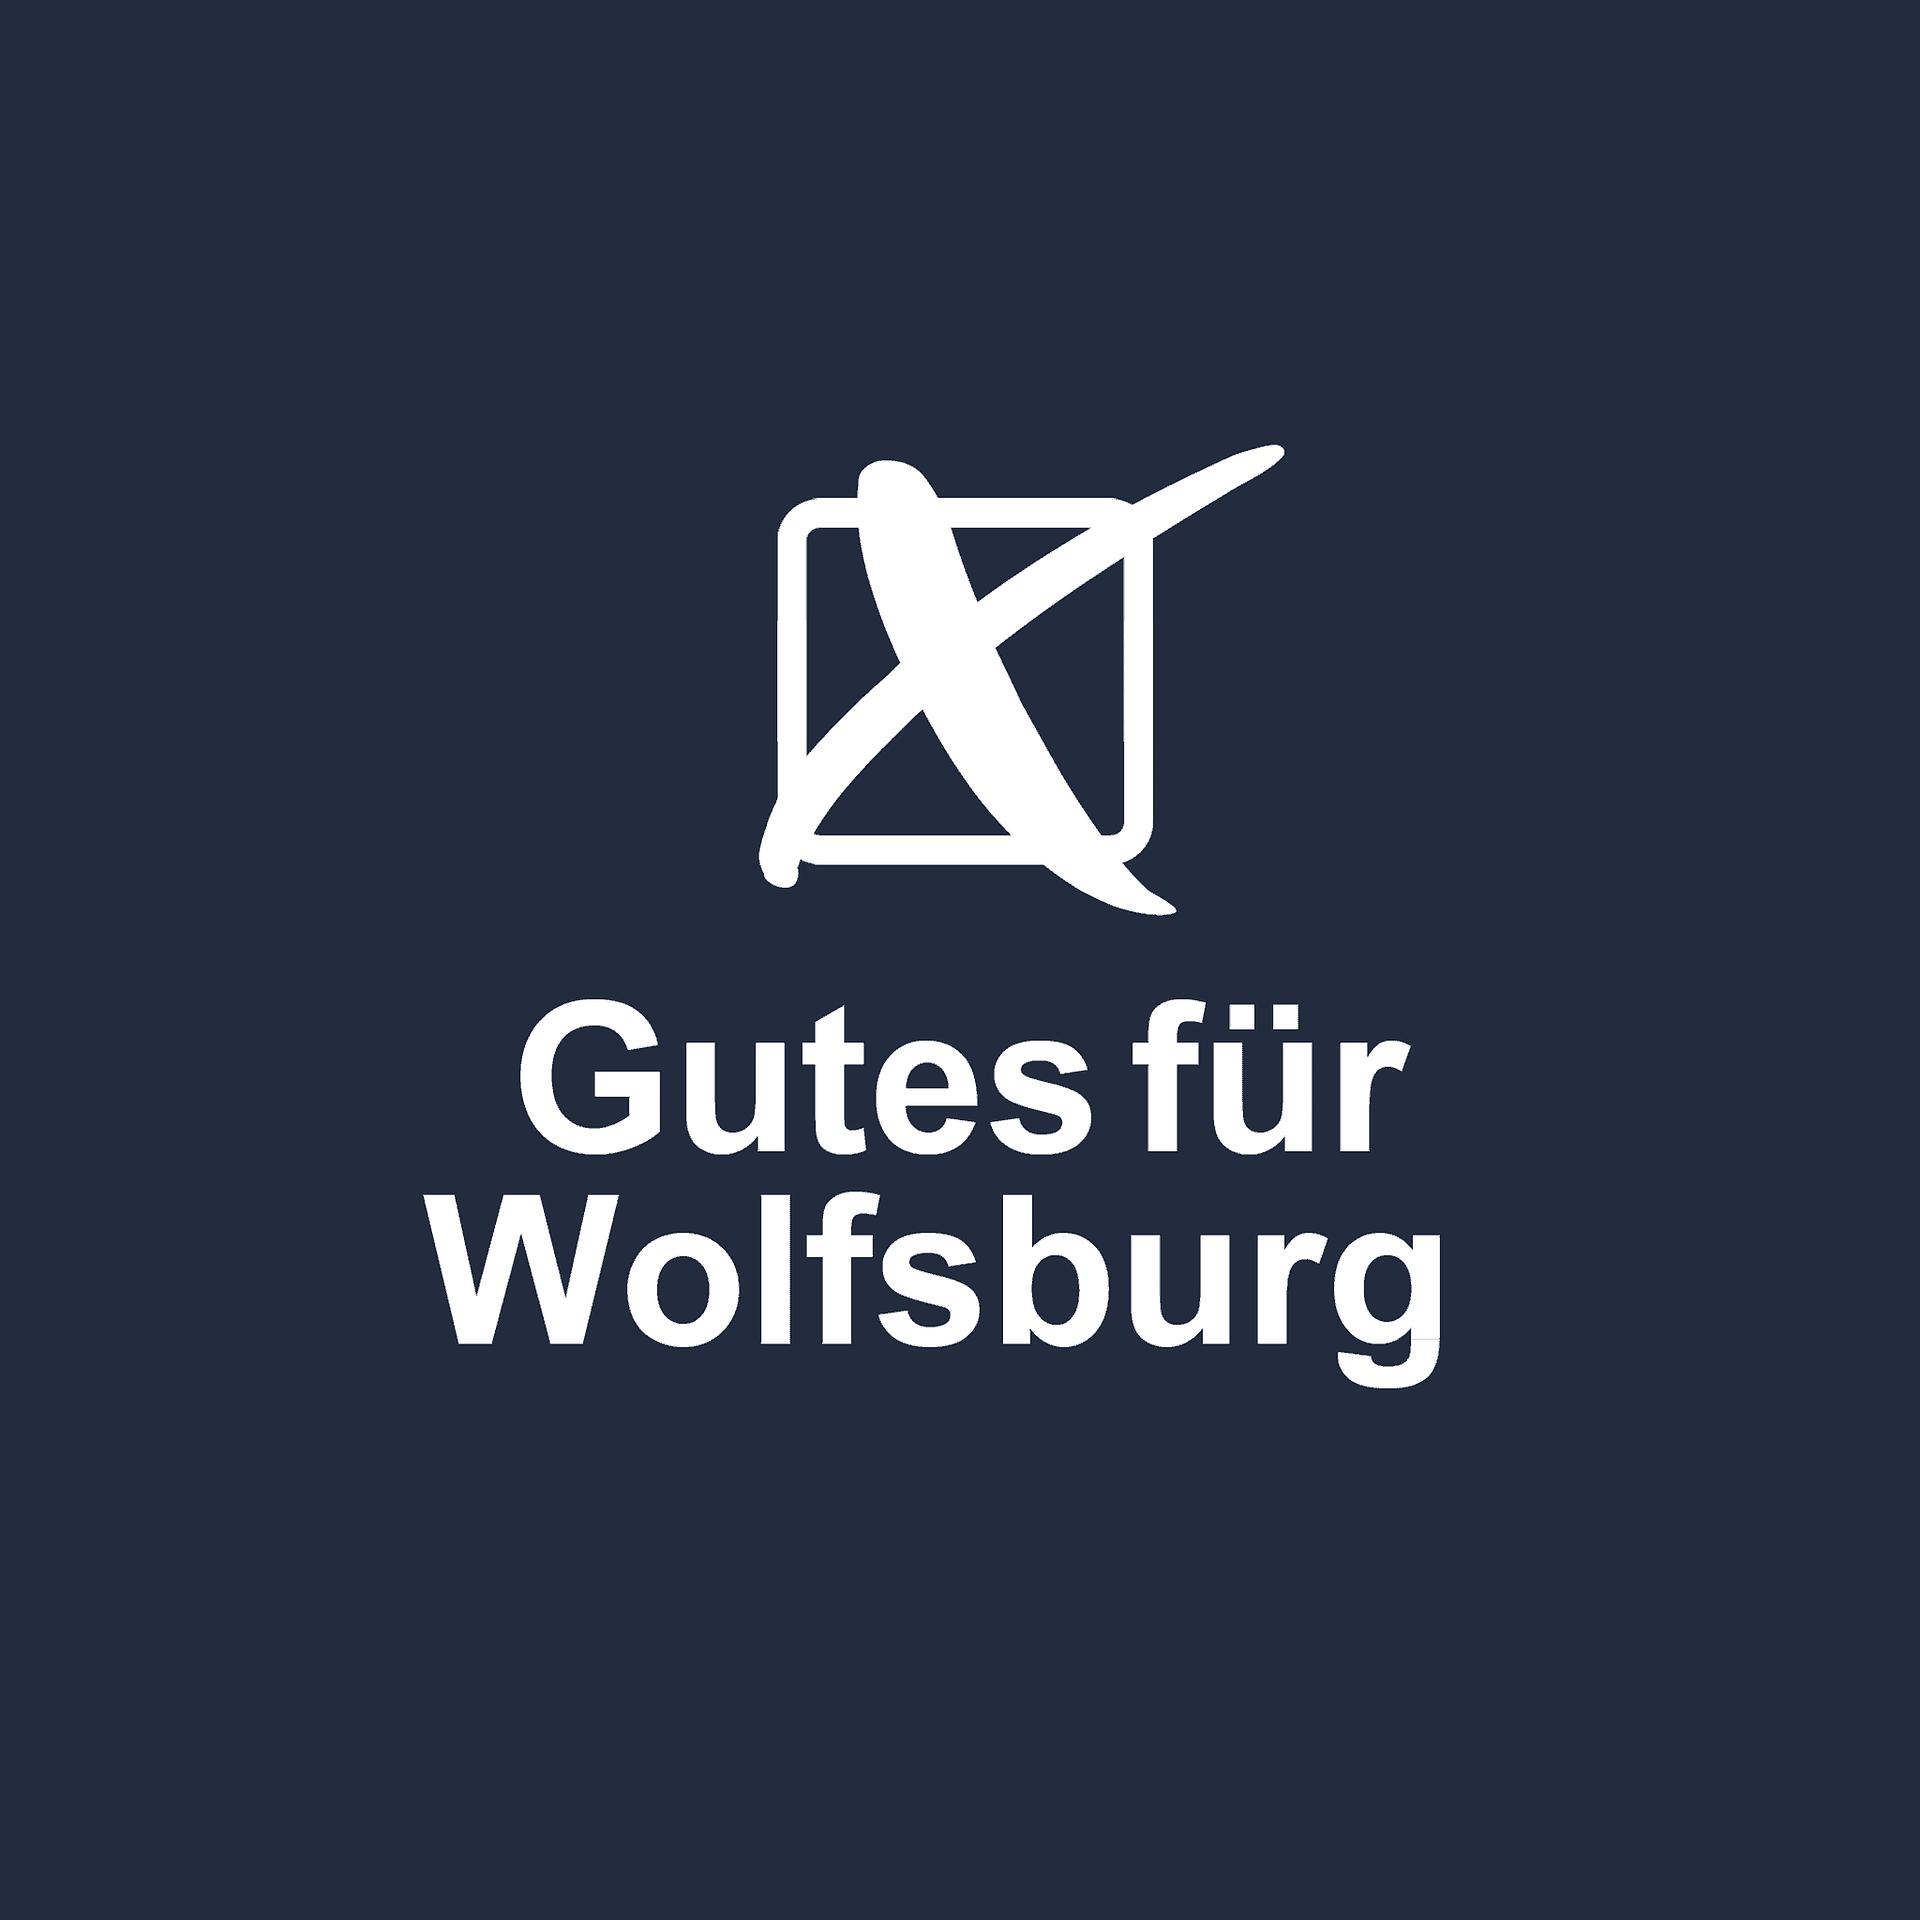 Gutes für Wolfsburg